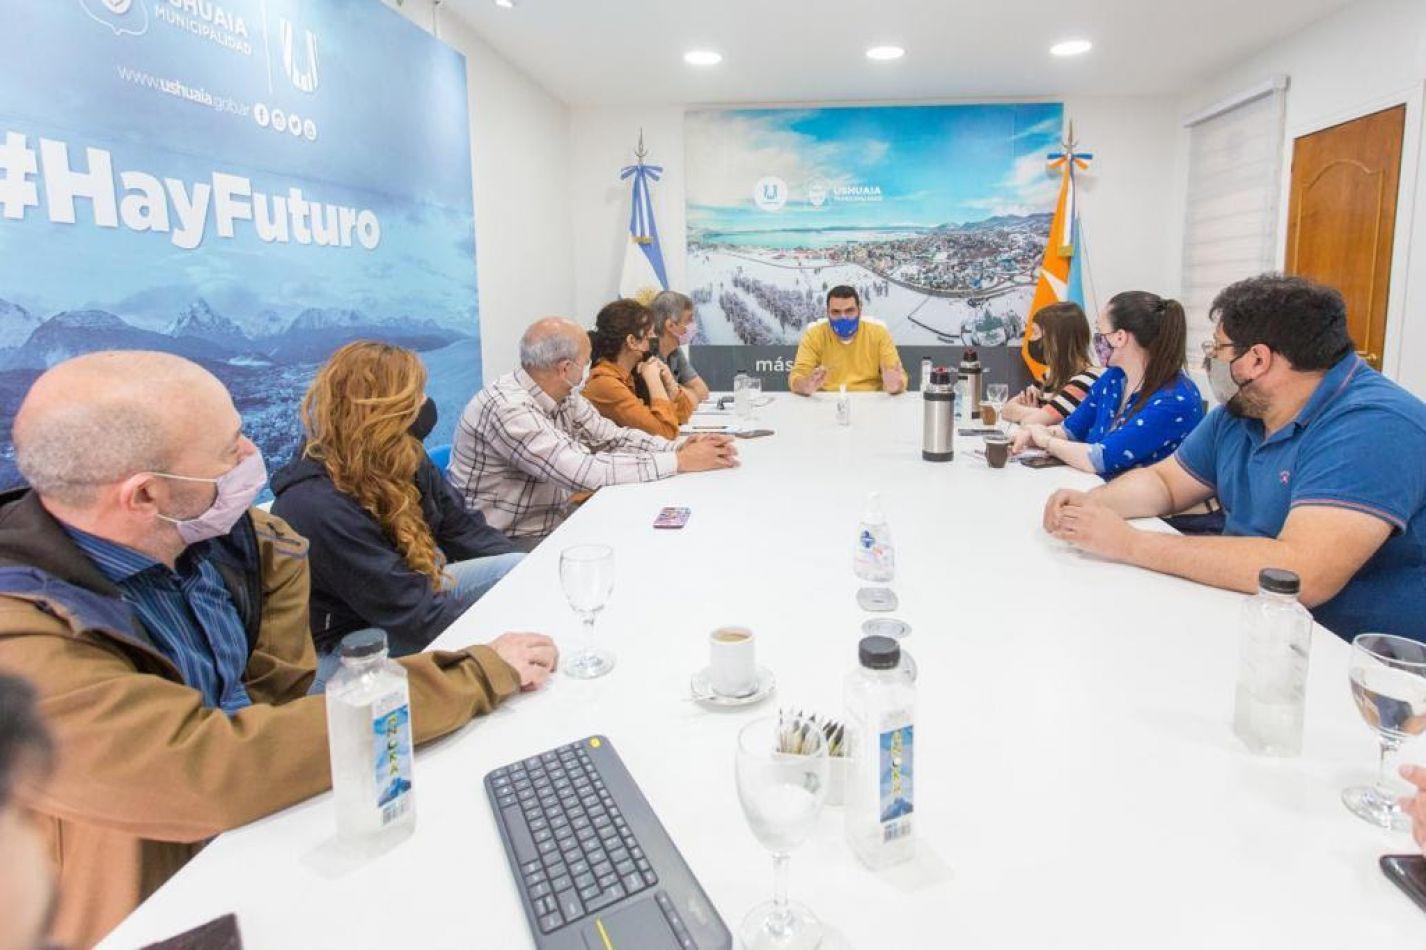 Vuoto junto a organismos nacionales avanzan en la mejora del trabajo territorial de la Nación en Ushuaia